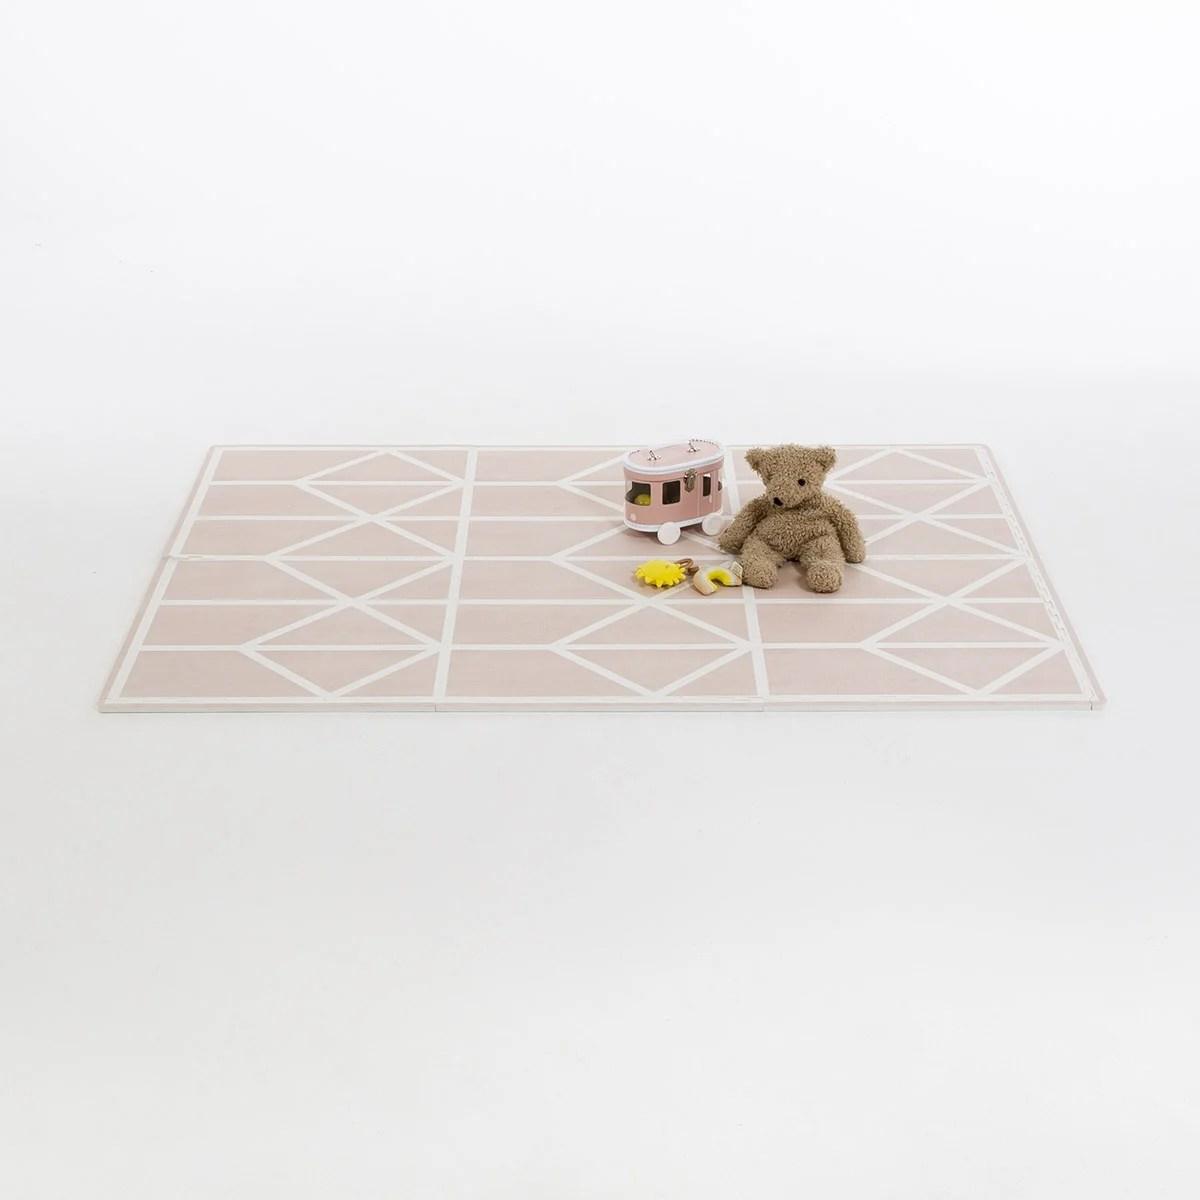 tapis d eveil modulable